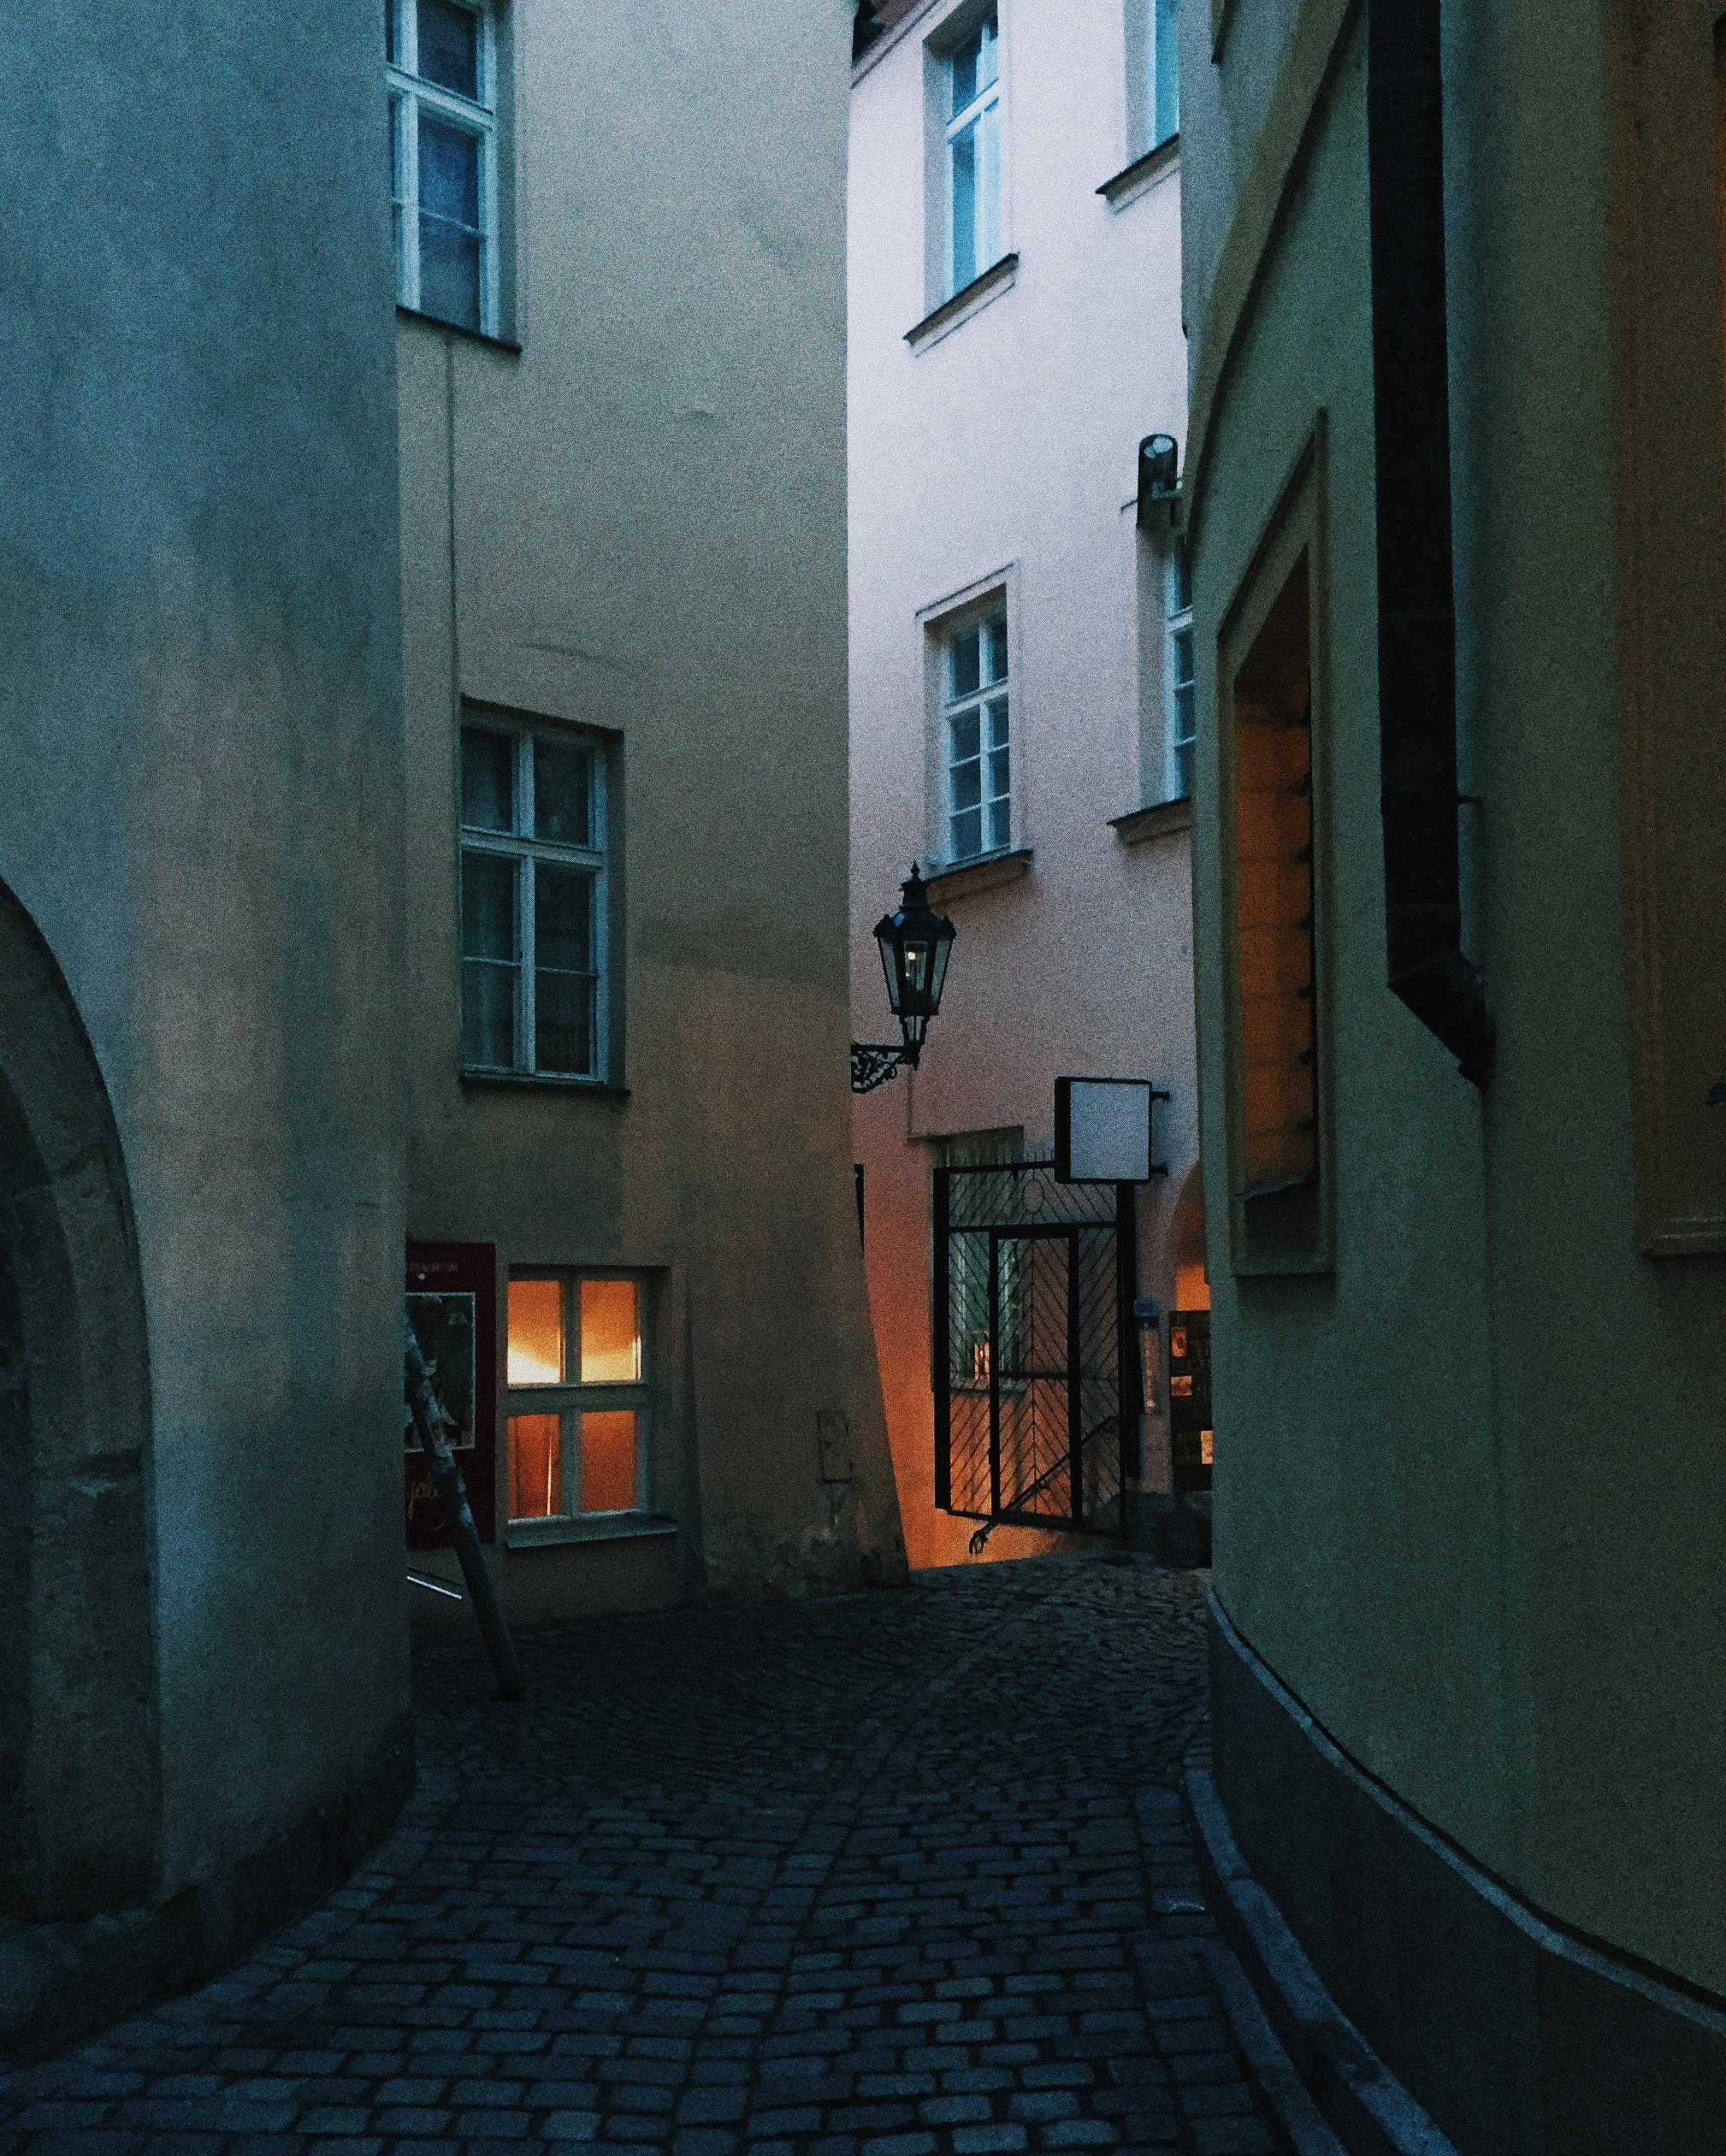 Fig. 3 An alley, Prague